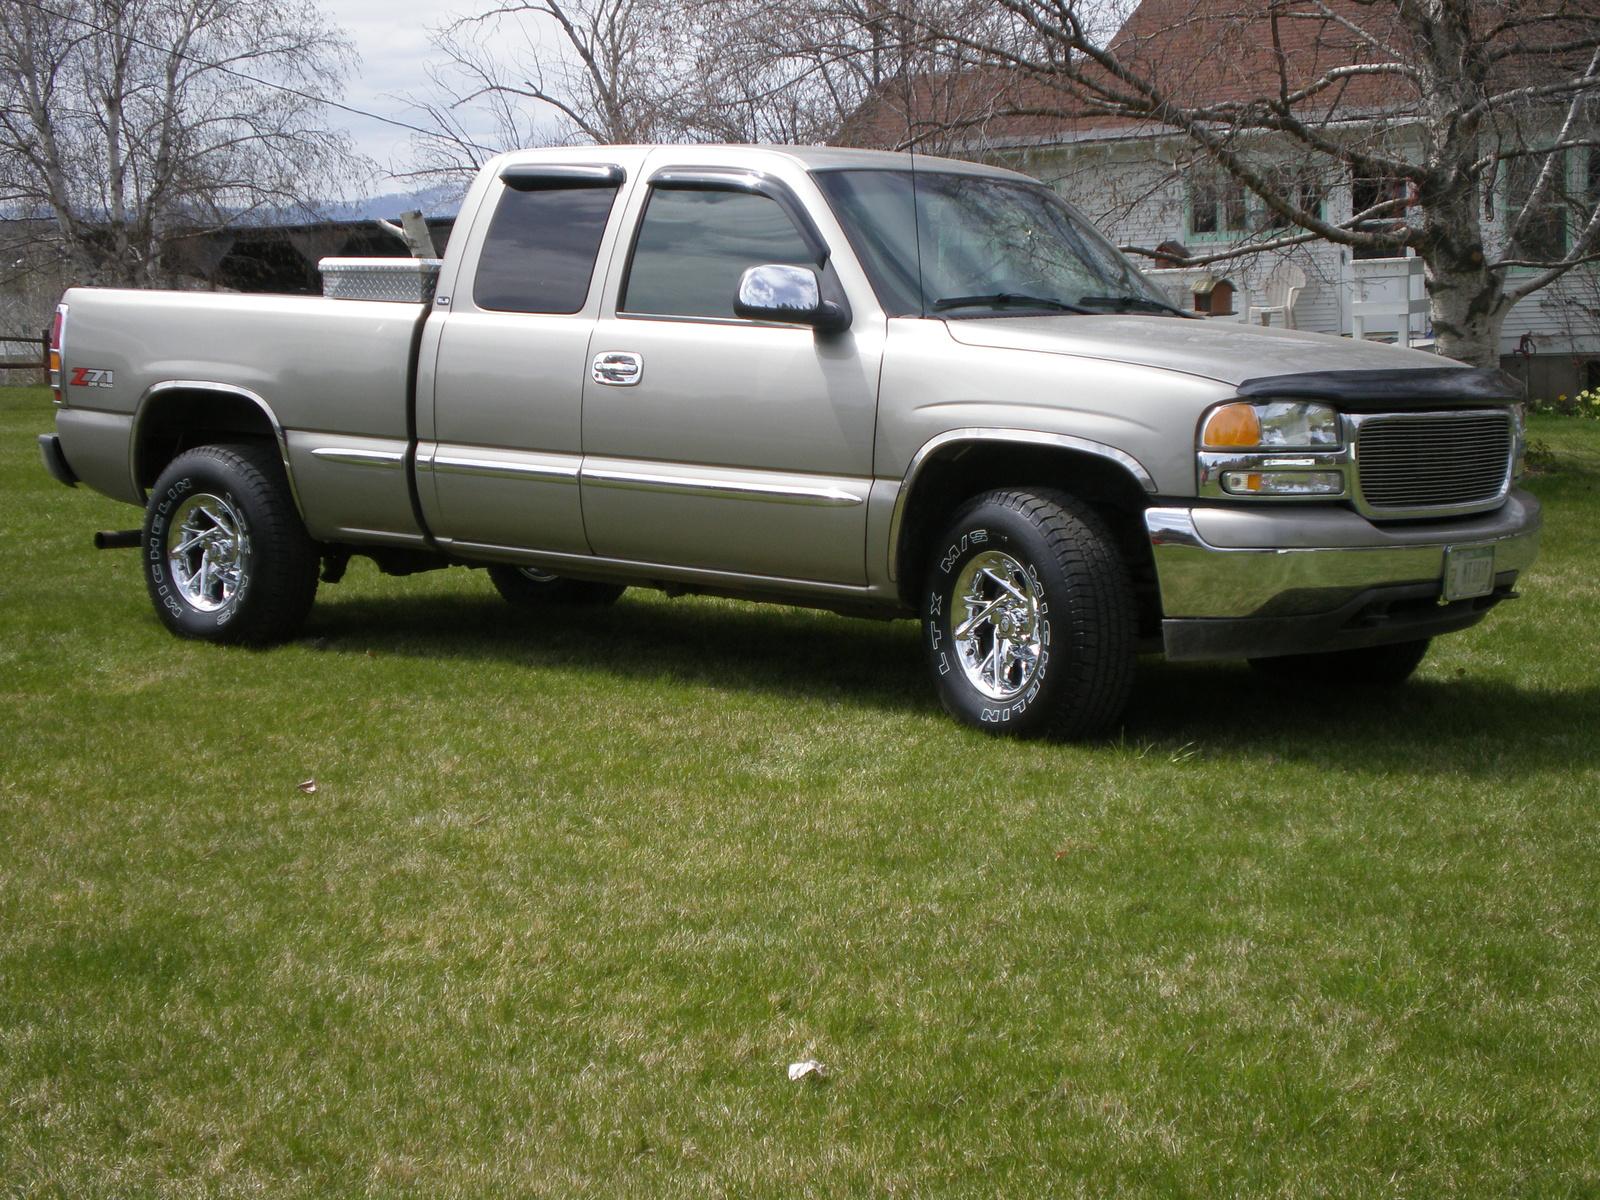 2002 Gmc Sierra 1500 21